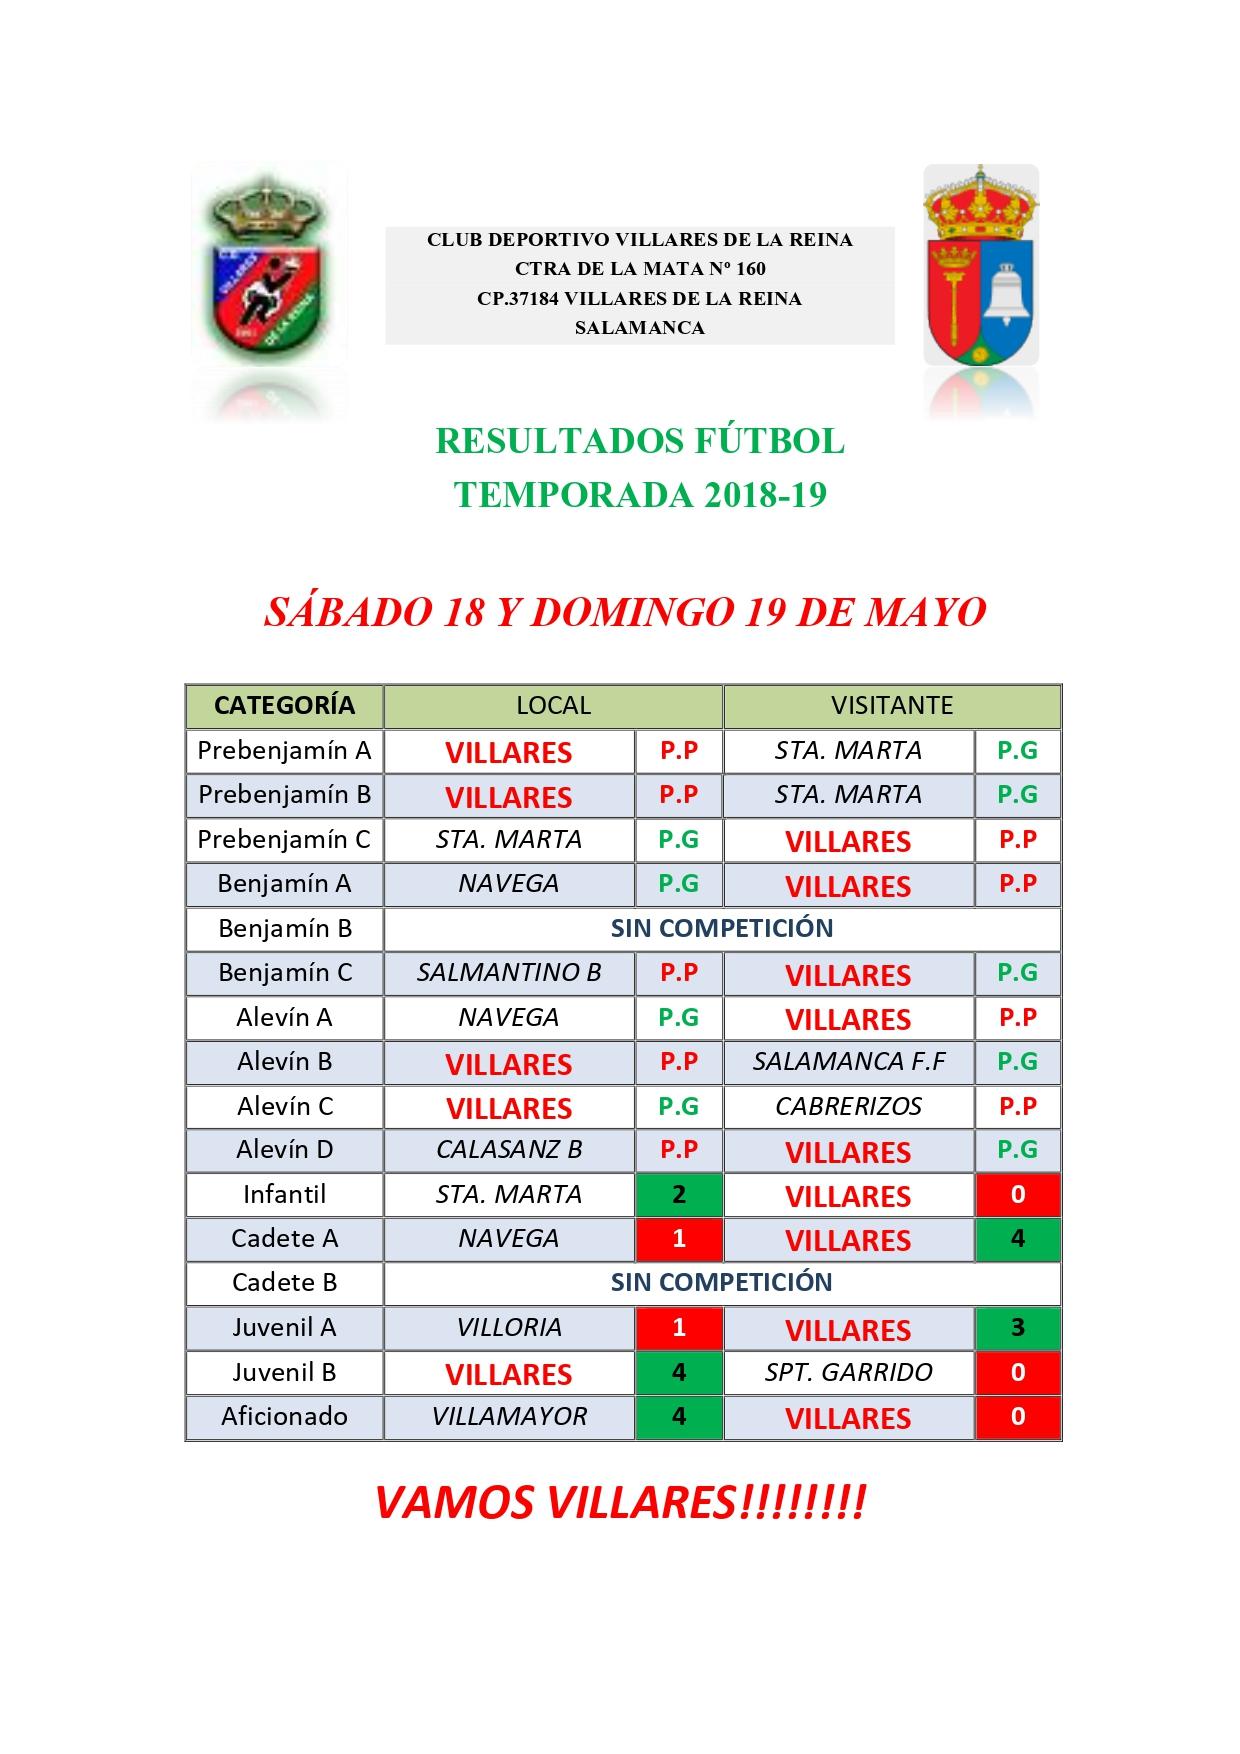 RESULTADOS DE FÚTBOL SÁBADO 18 Y DOMINGO 19